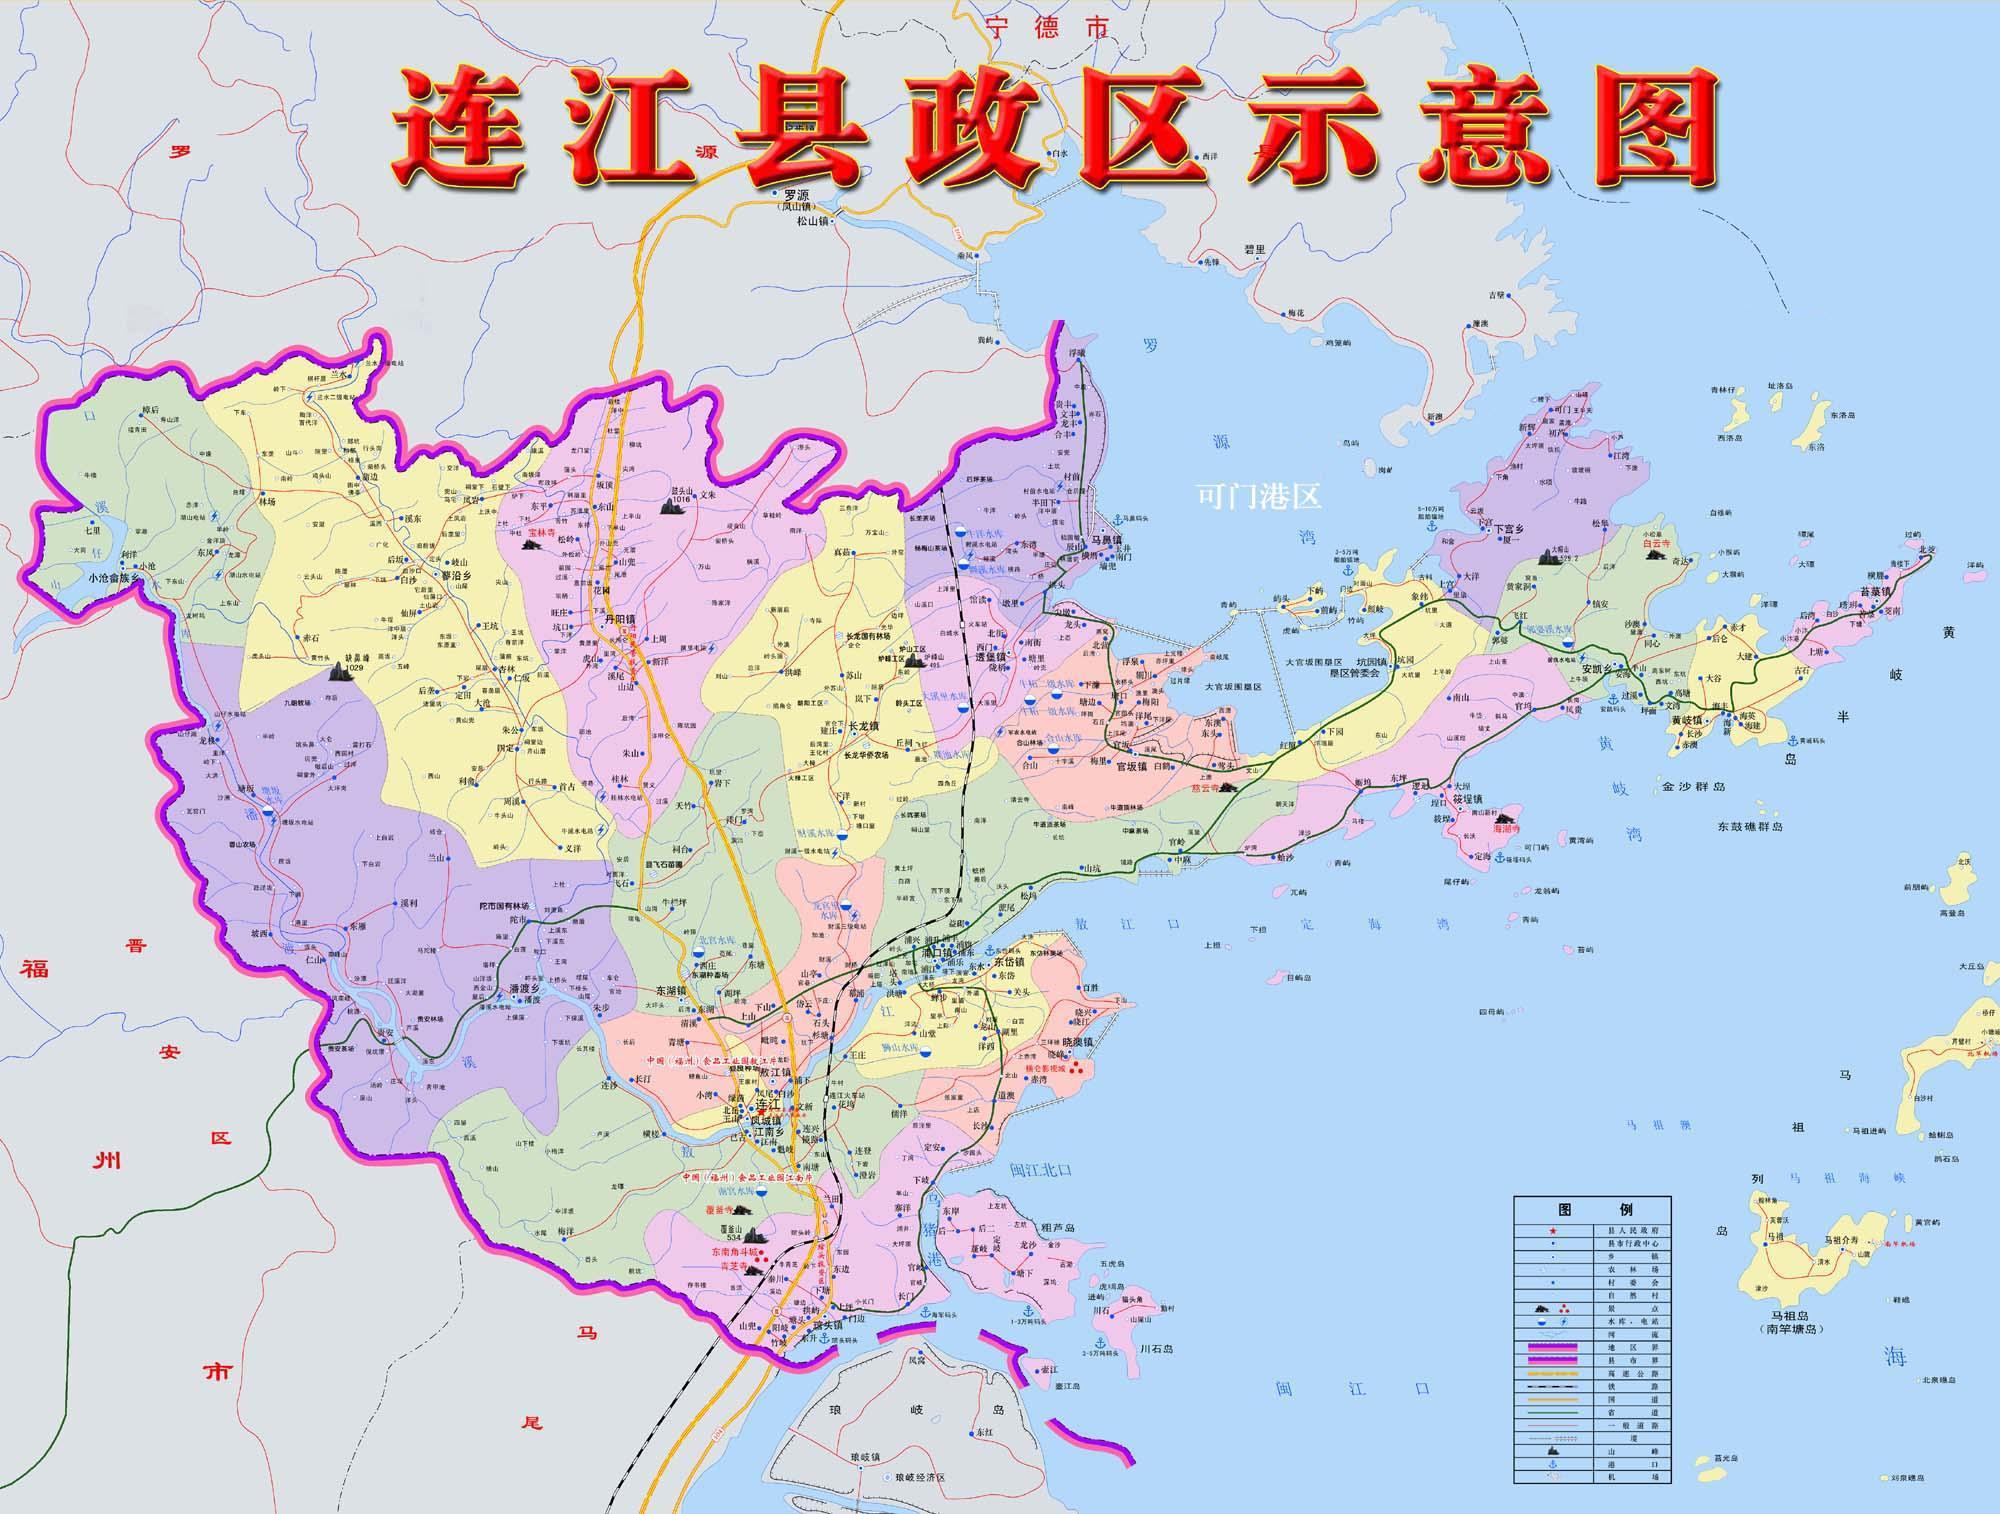 福建福州市连江县_连江(福建福州市下辖县) - 搜狗百科